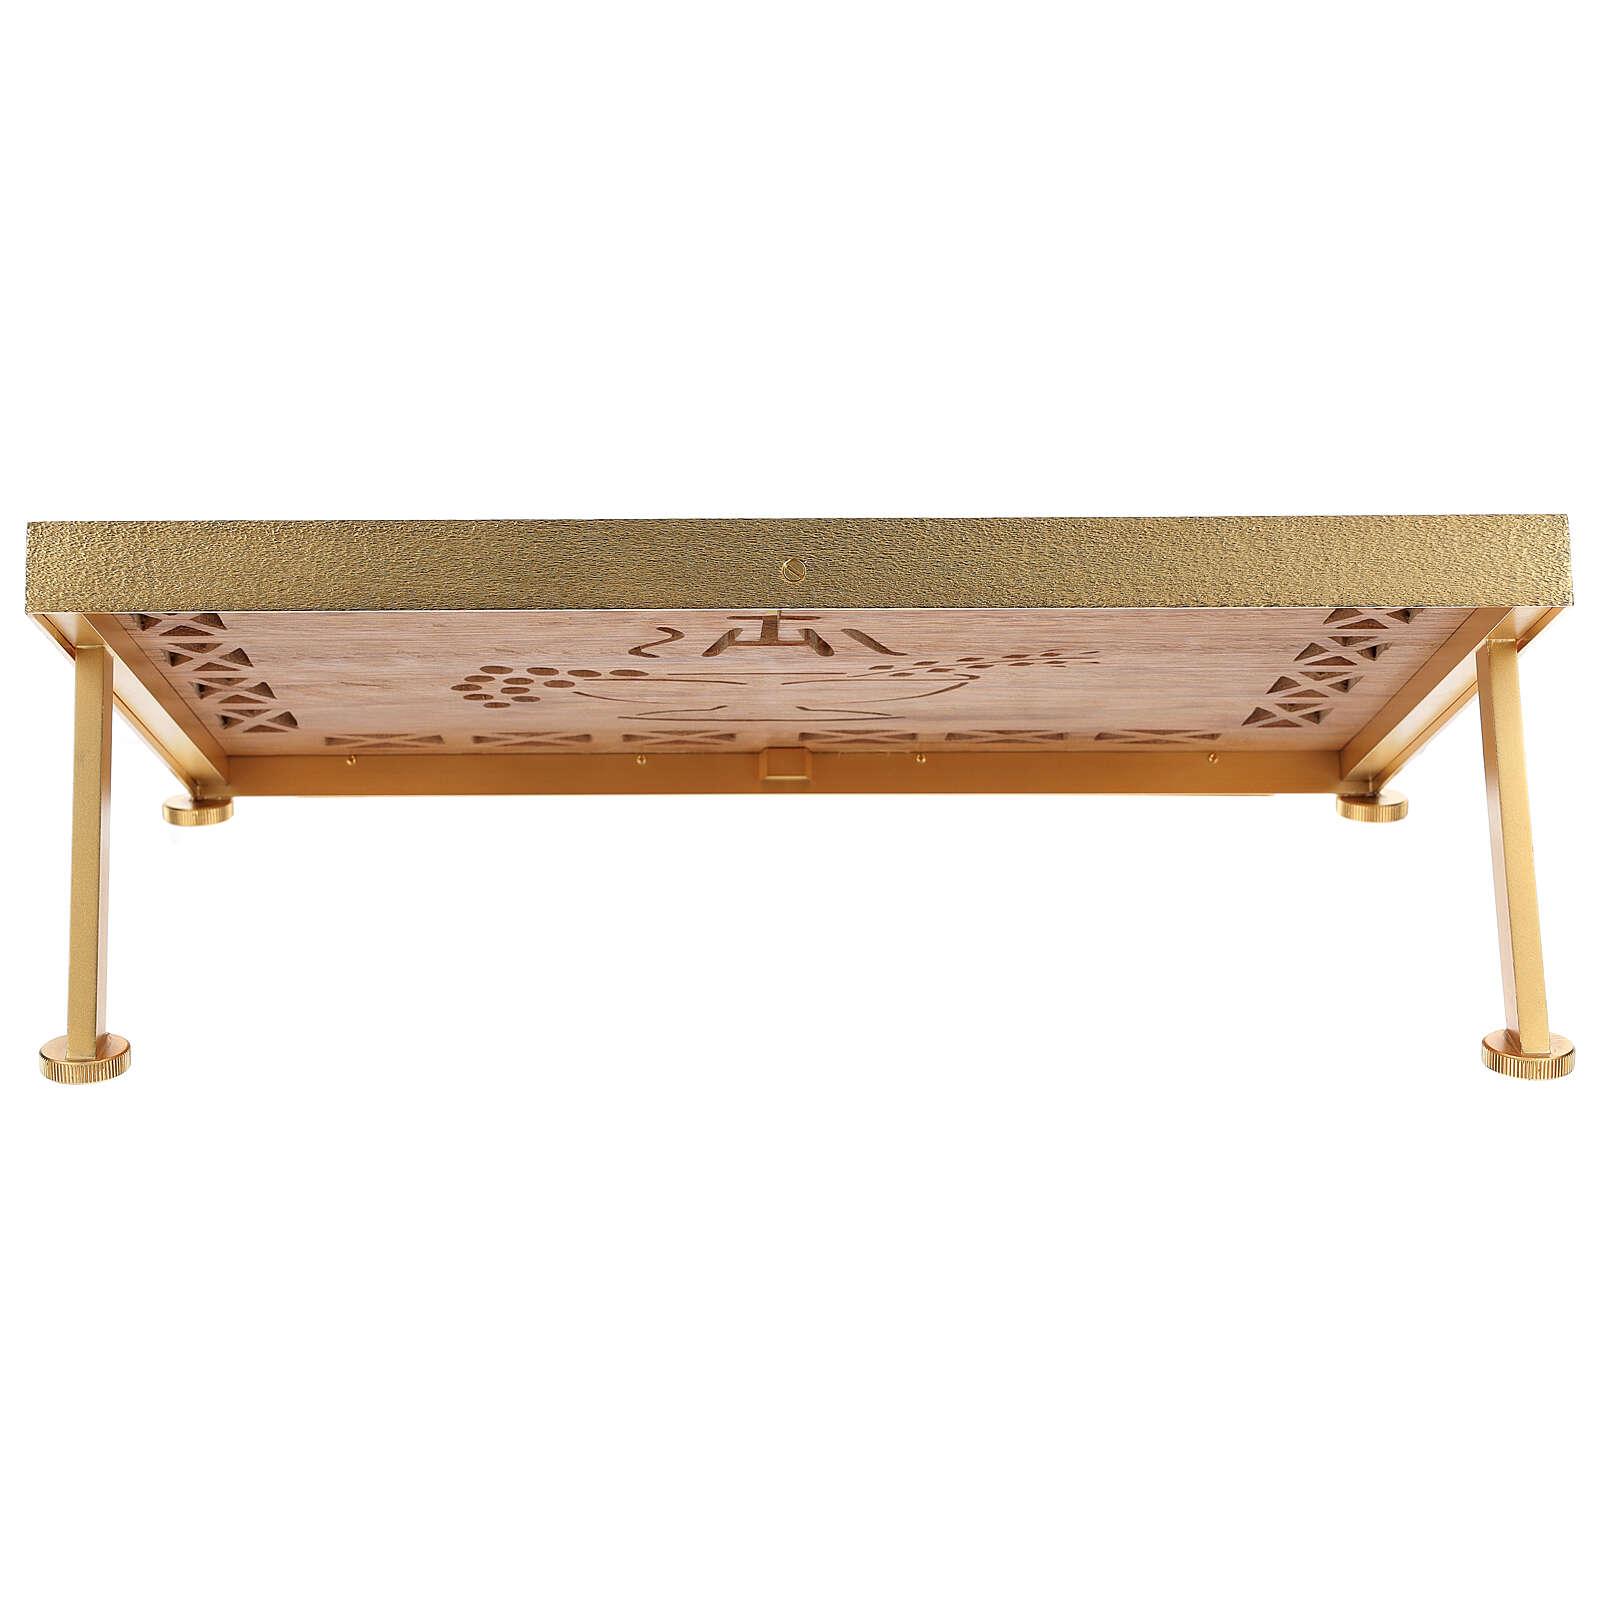 Leggio da mensa dorato legno e ottone IHS 4